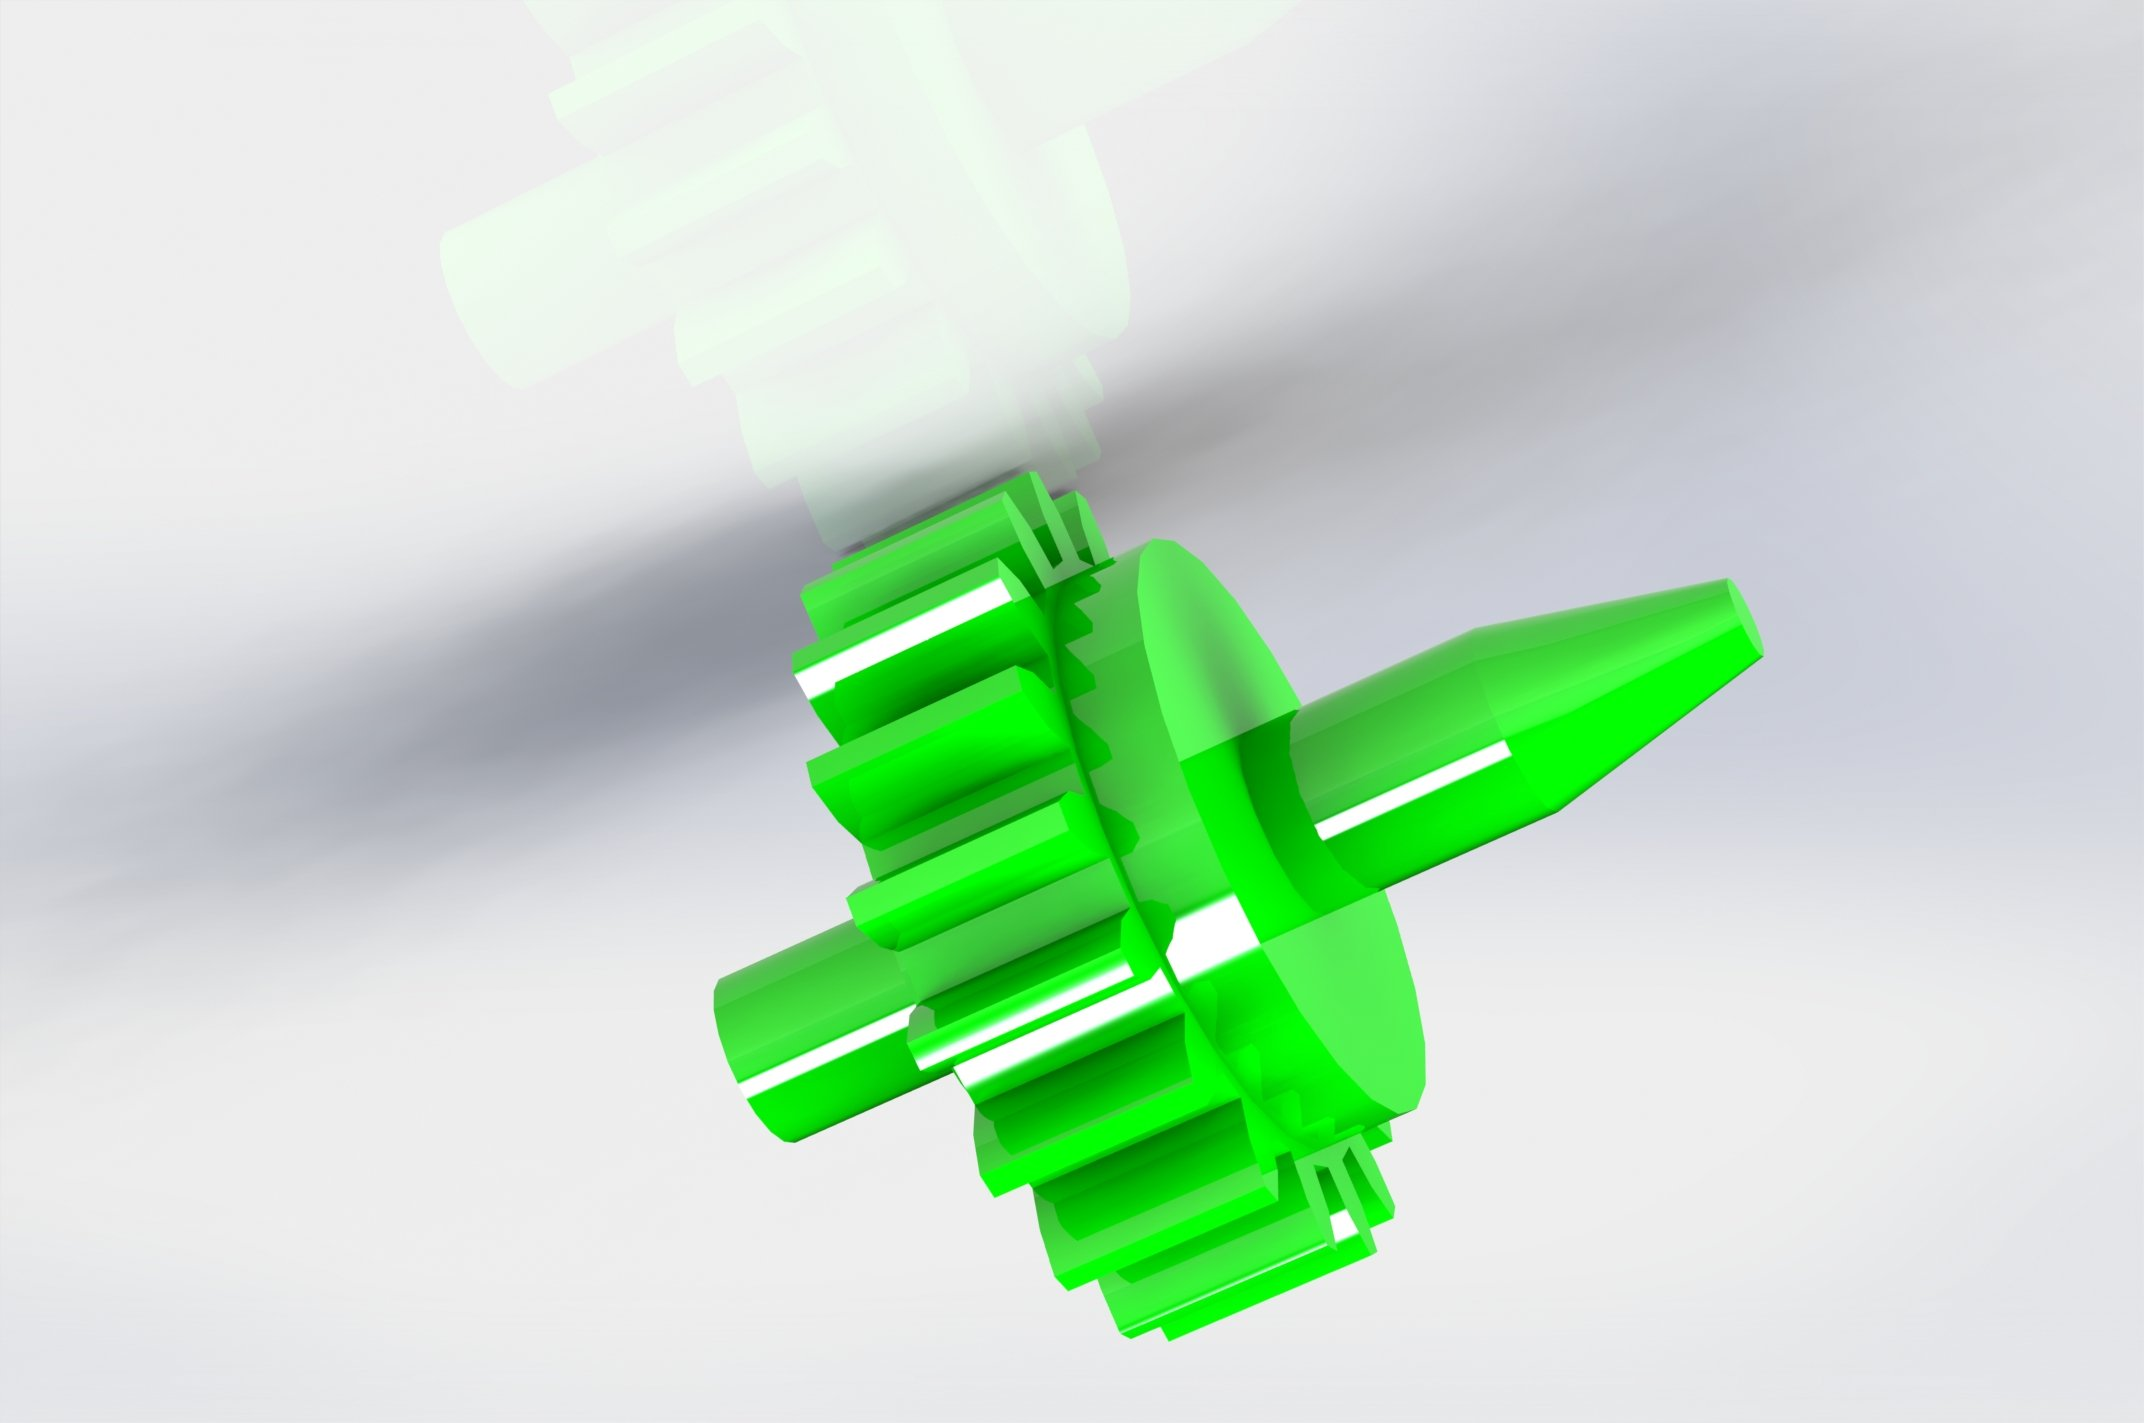 Шестерня редуктора дуплекса Brother HL-2240D /2242D /2250DN /2270DW /DCP7060D /DCP7065DN /DCP7070DW / MFC7460DN /MFC7470D /MFC7860DN /MFC7860DW модель для печати